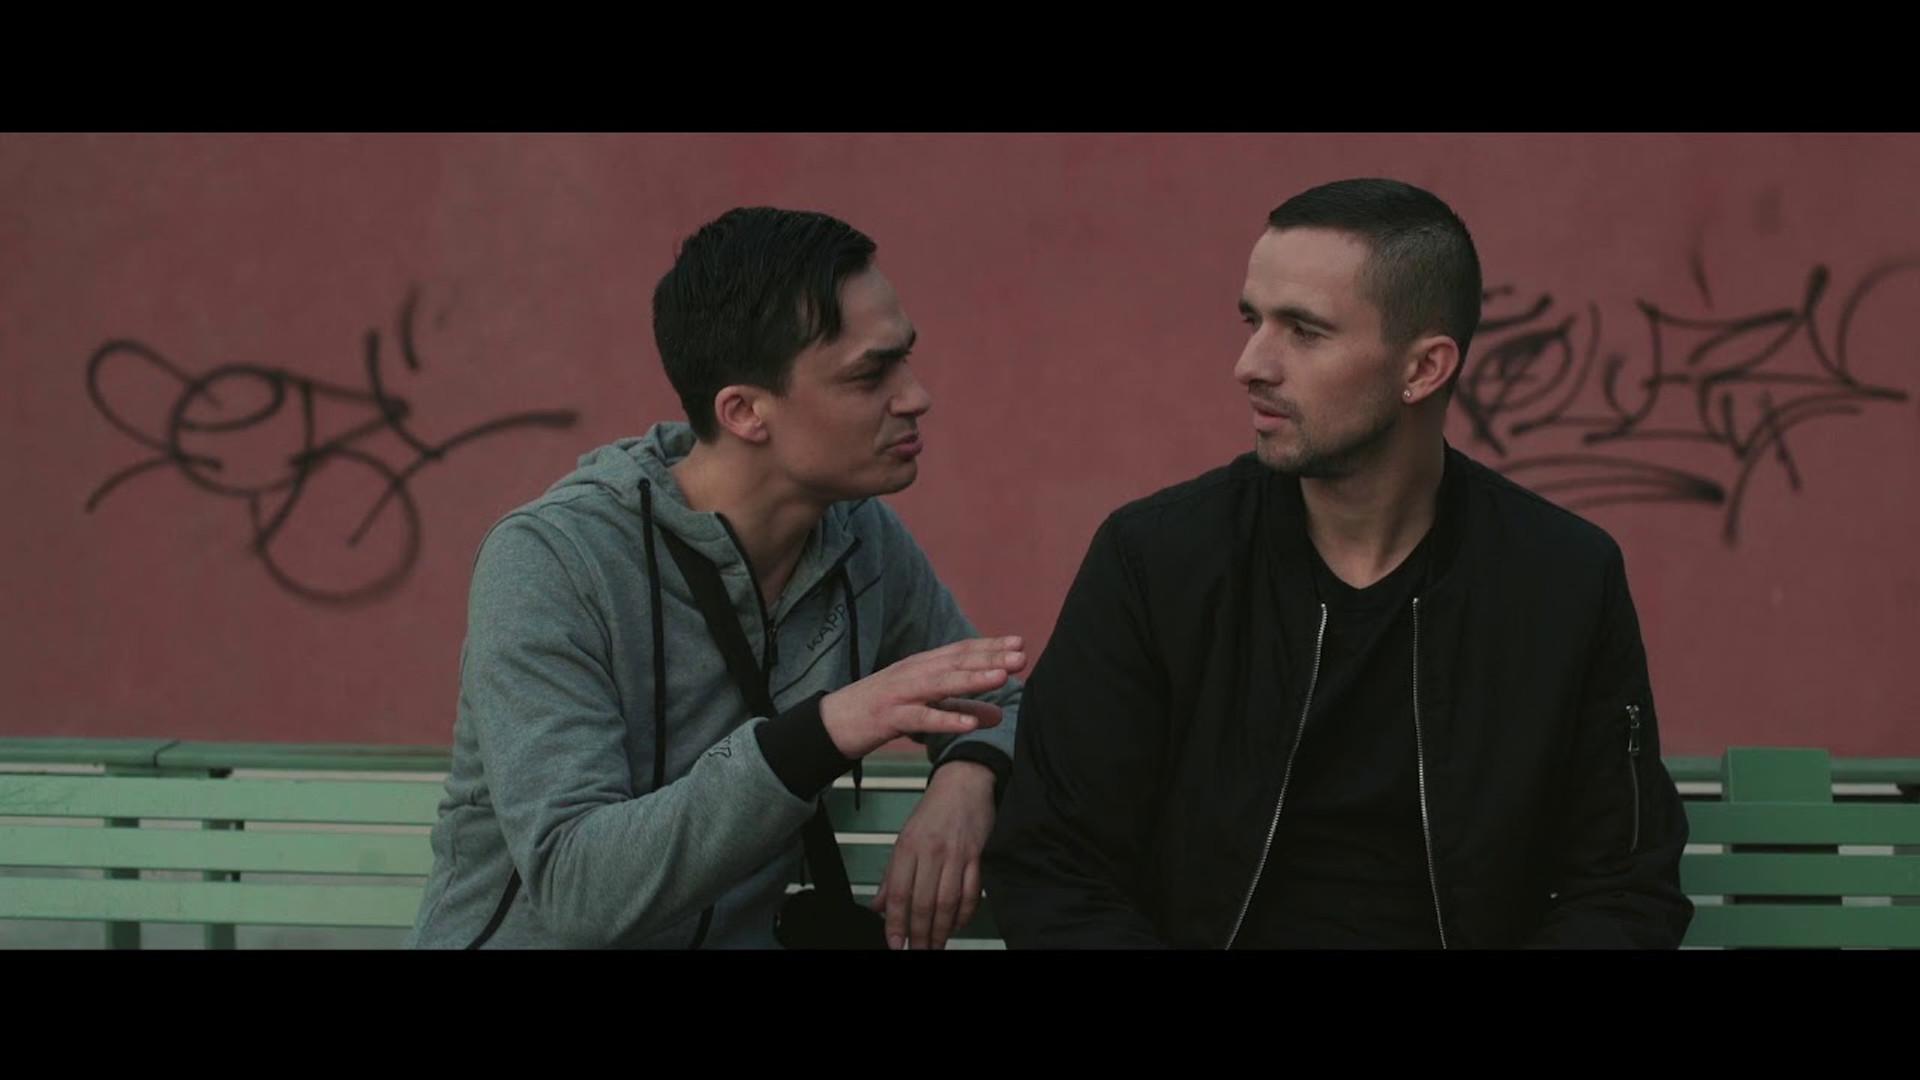 Ciné-goûter - Dimanche 26 janvier à 15h30 – Les Studio - Rencontre avec Jordan Goldnadel